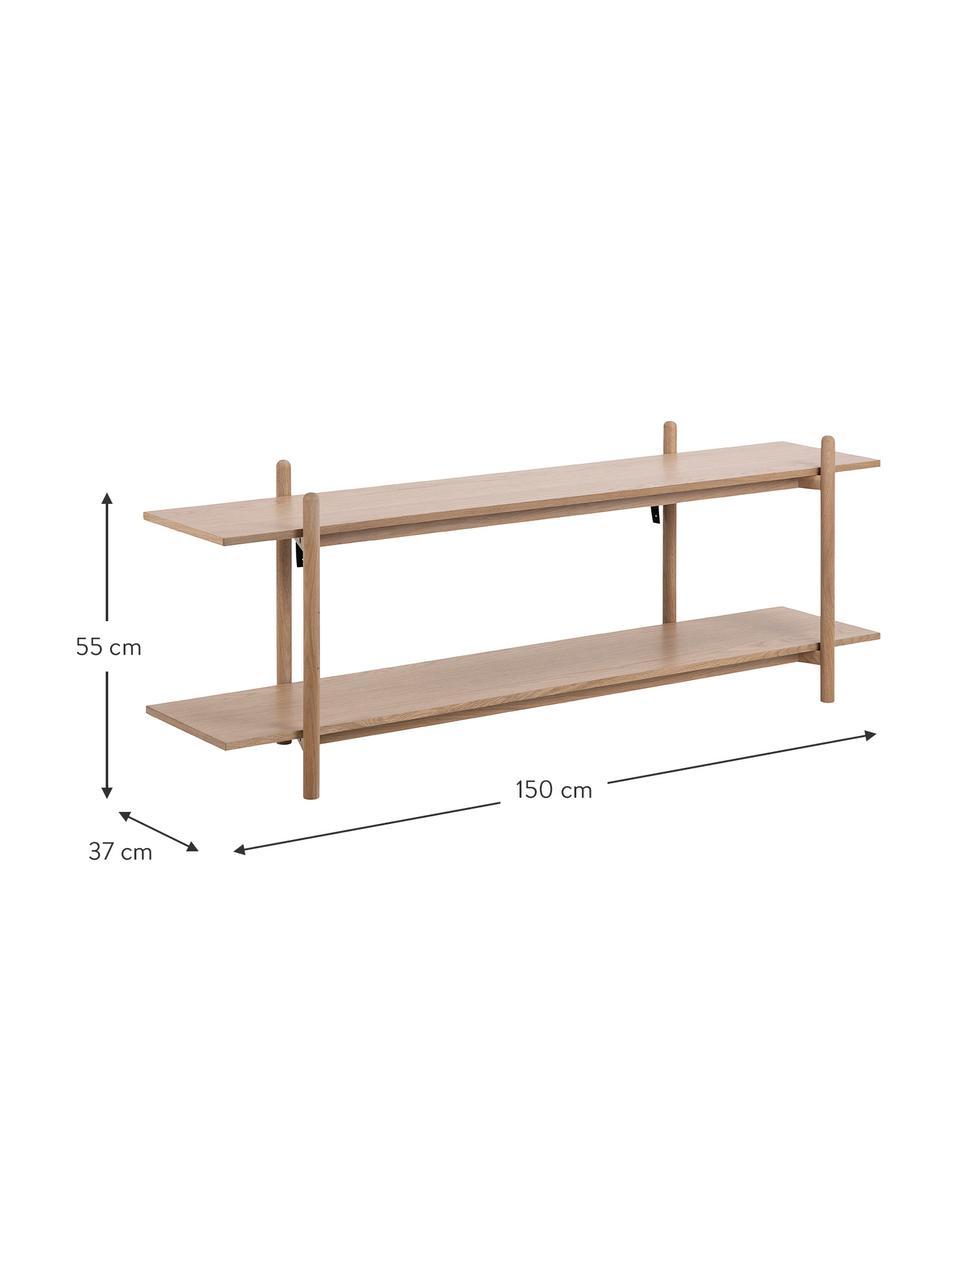 Szafka niska z drewna Asbaek, Płyta pilśniowa (MDF), fornir z drewna dębowego, Brązowy, S 150 x W 55 cm